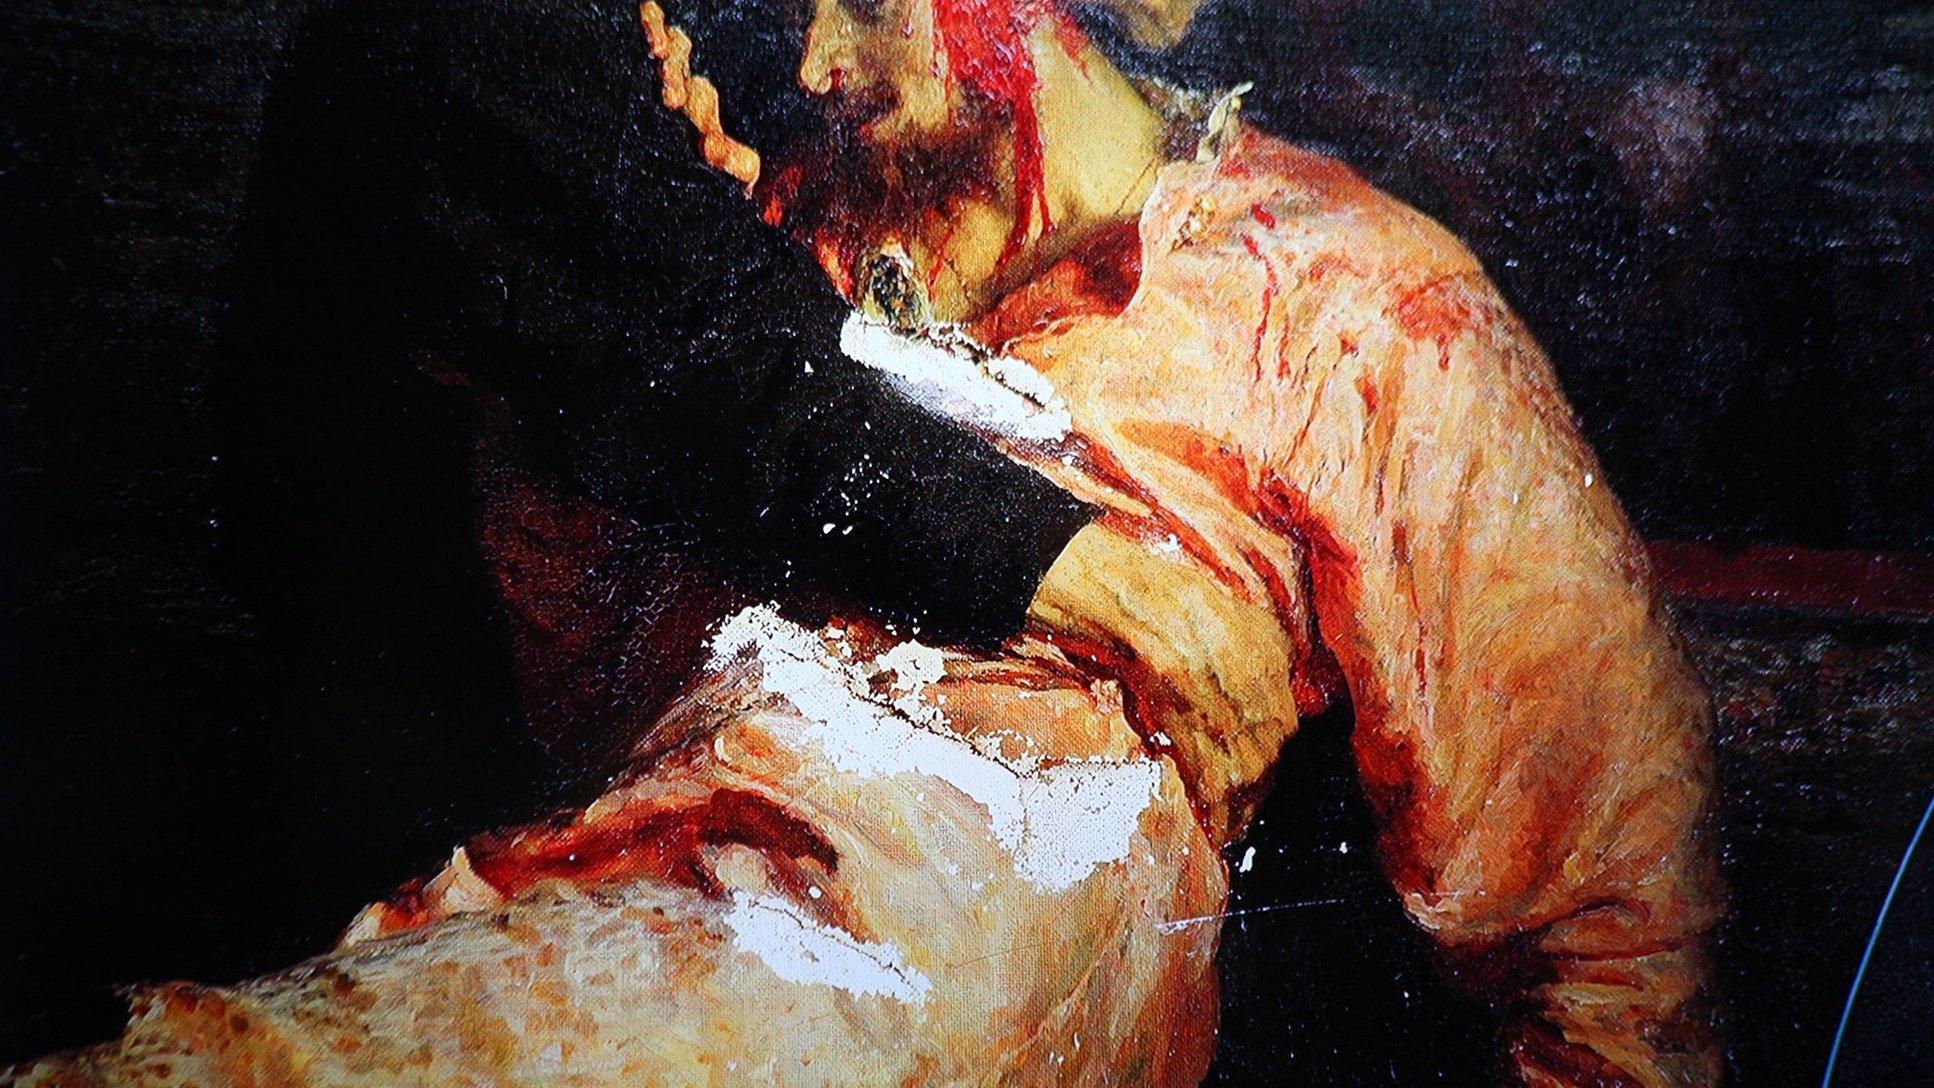 Картина «Иван Грозный и сын его Иван» будет выставляться в бронированном стеклянном кейсе. Фото